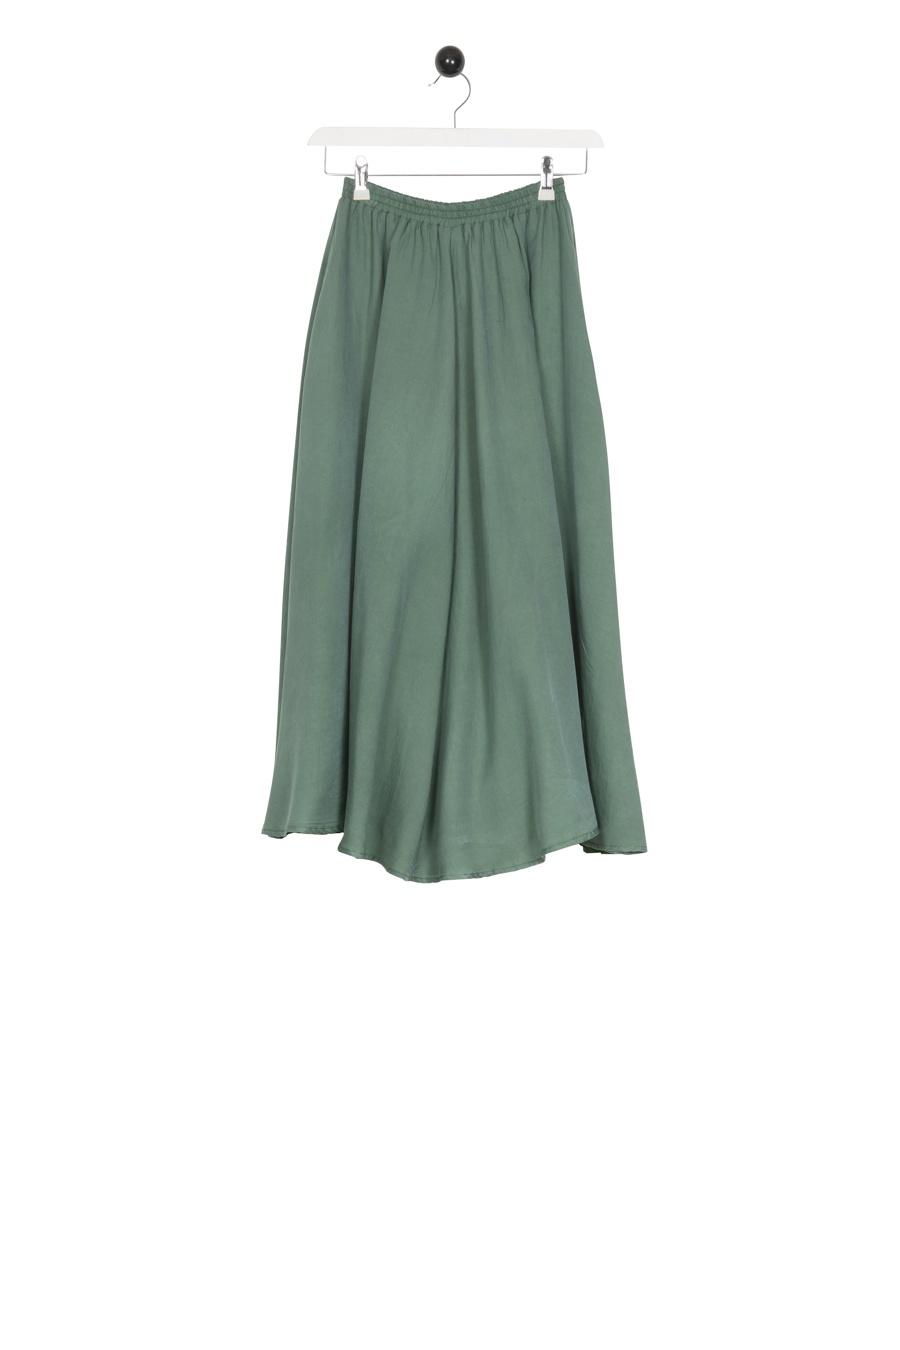 Baskemölla Skirt